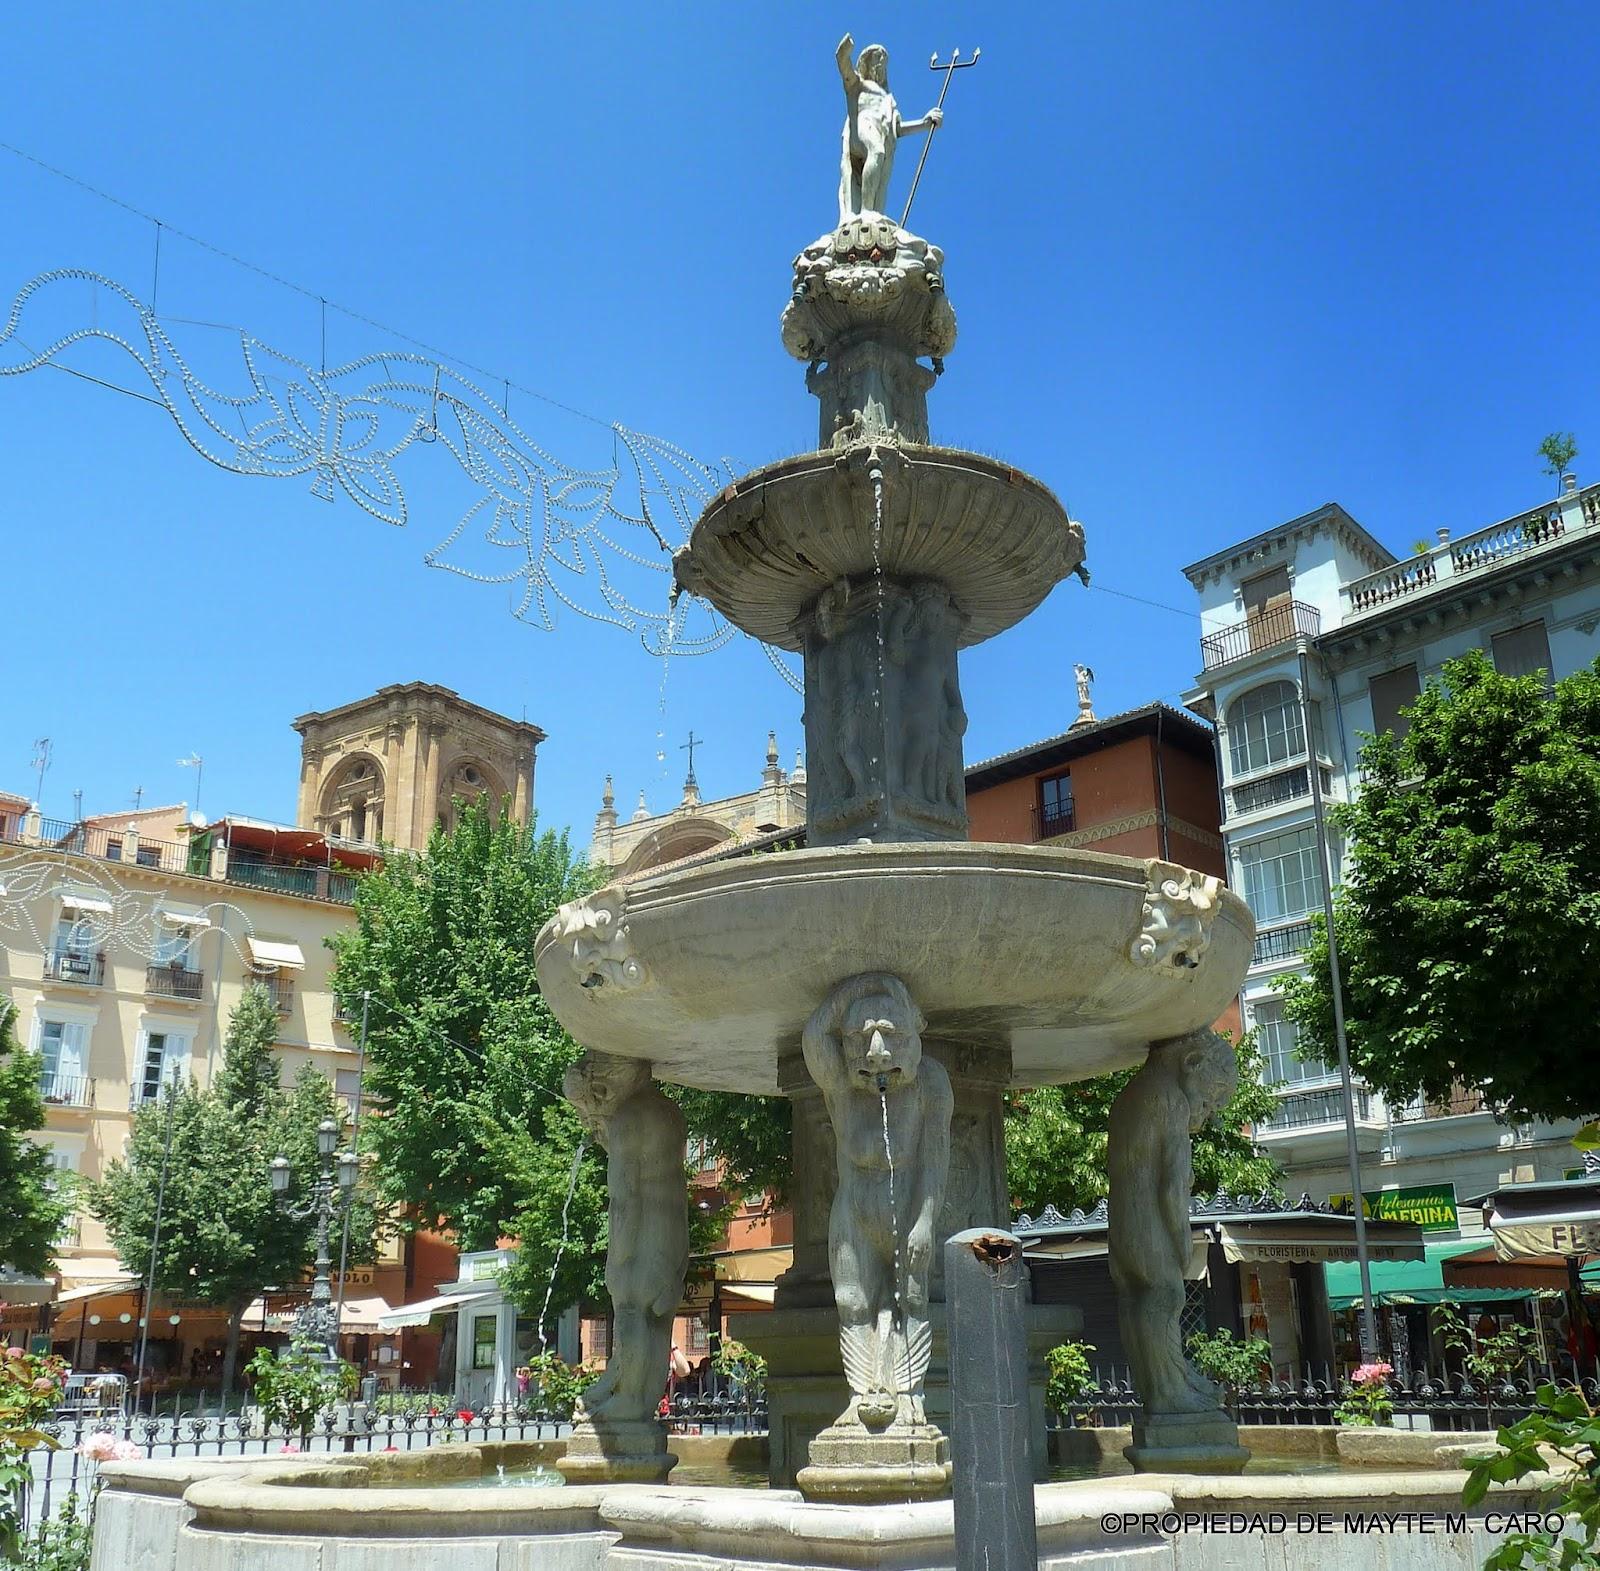 Fuentes de granada esta fuente de neptuno de los gigantes situada en la plaza de bibarrambla - Fuentes de piedra antiguas ...